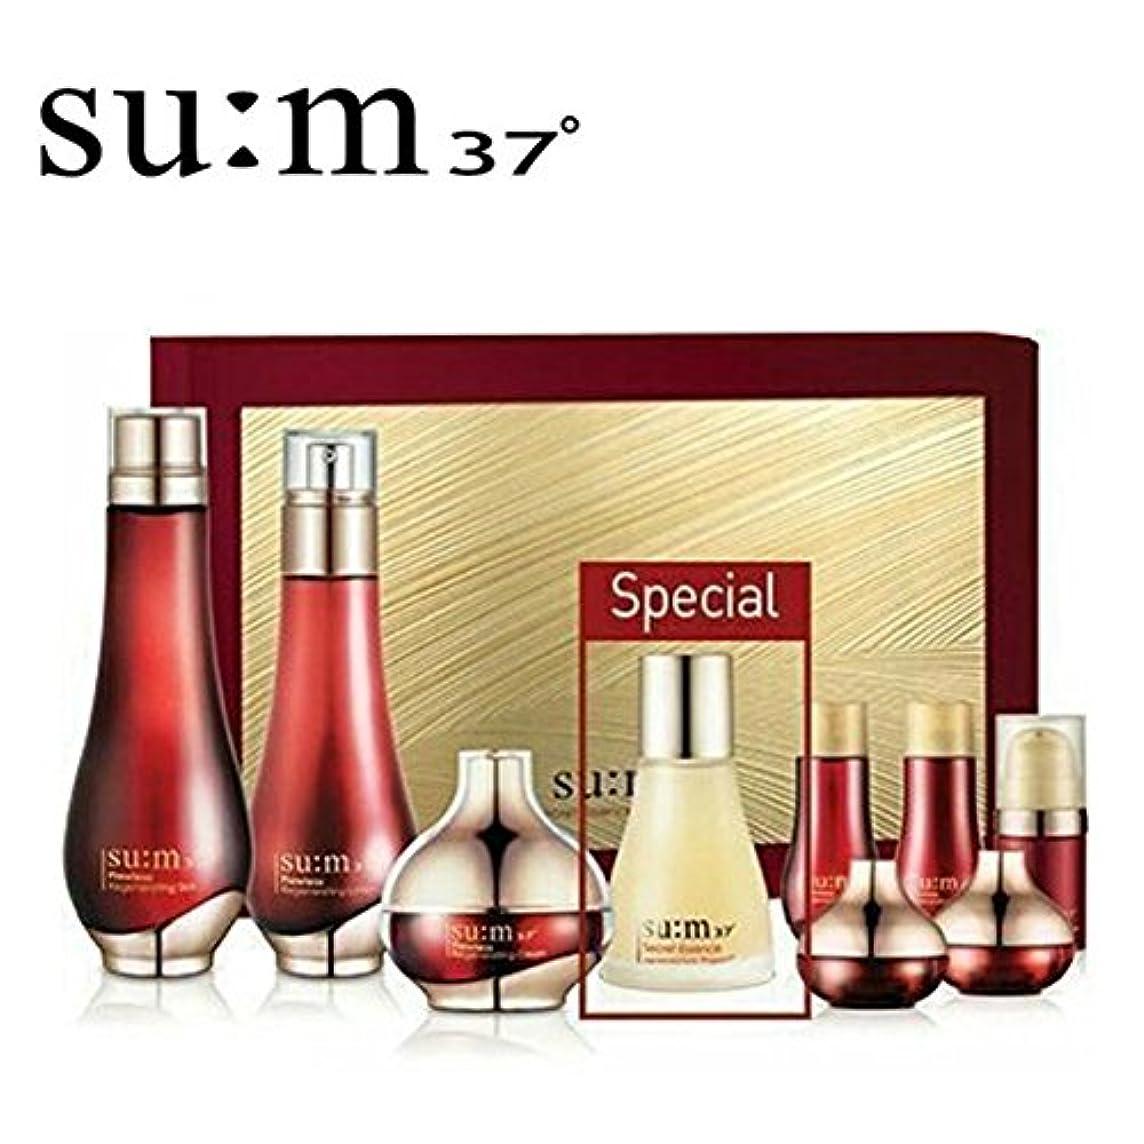 対話報奨金レンダリング[su:m37/スム37°] SUM37 Flowless Special Set/ sum37 スム37? フローレス 3種 企画セット +[Sample Gift](海外直送品)